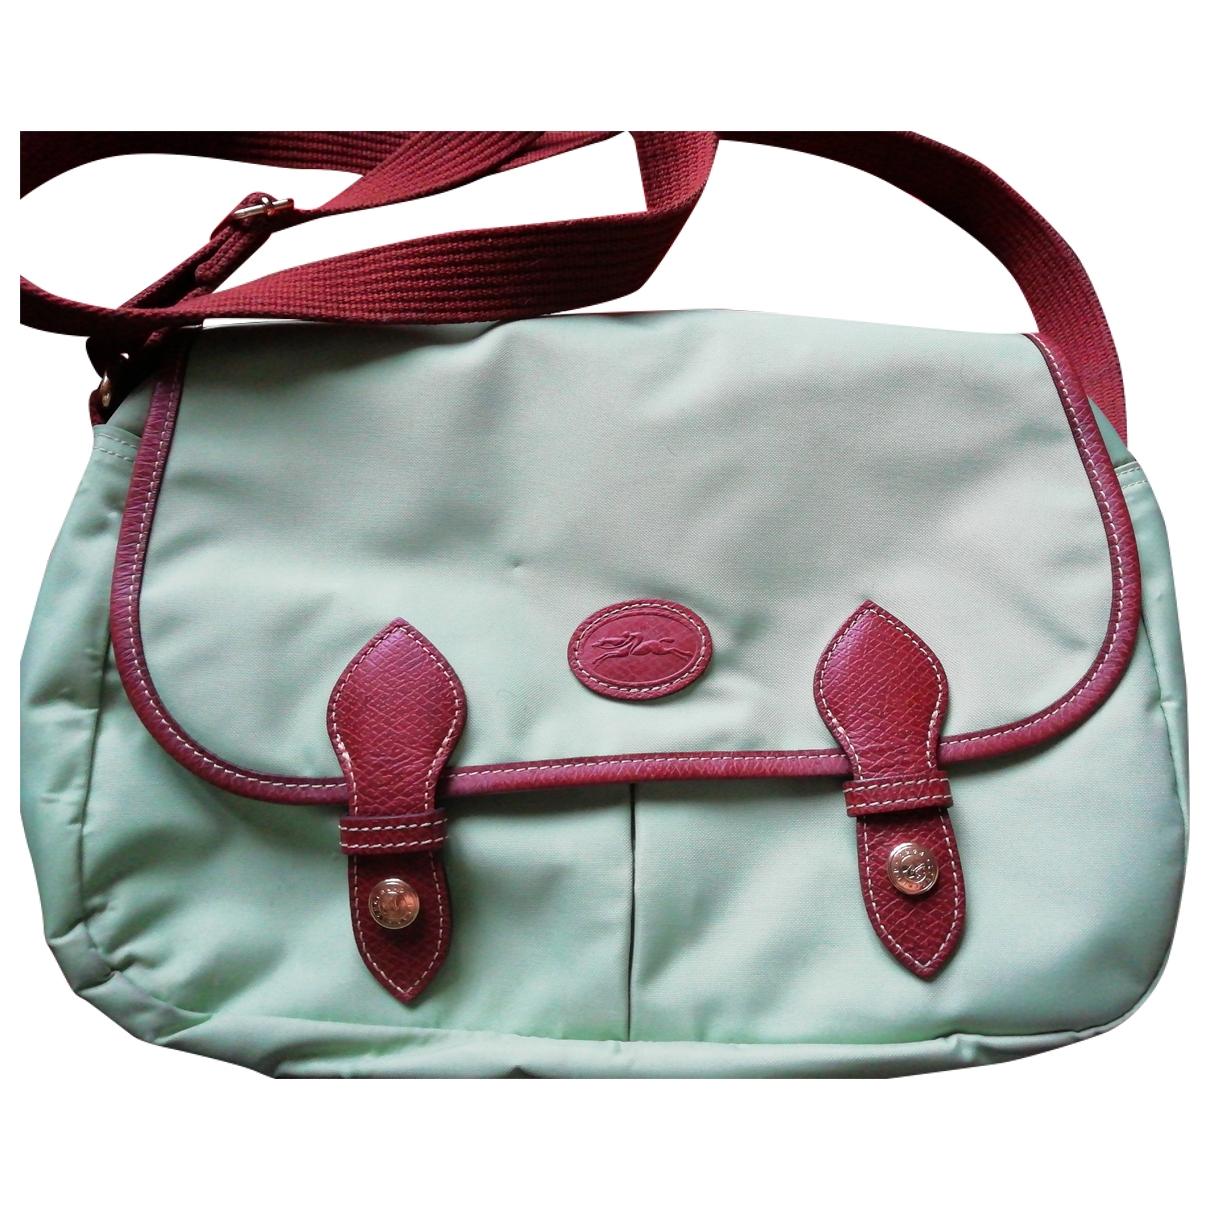 Longchamp \N Green handbag for Women \N